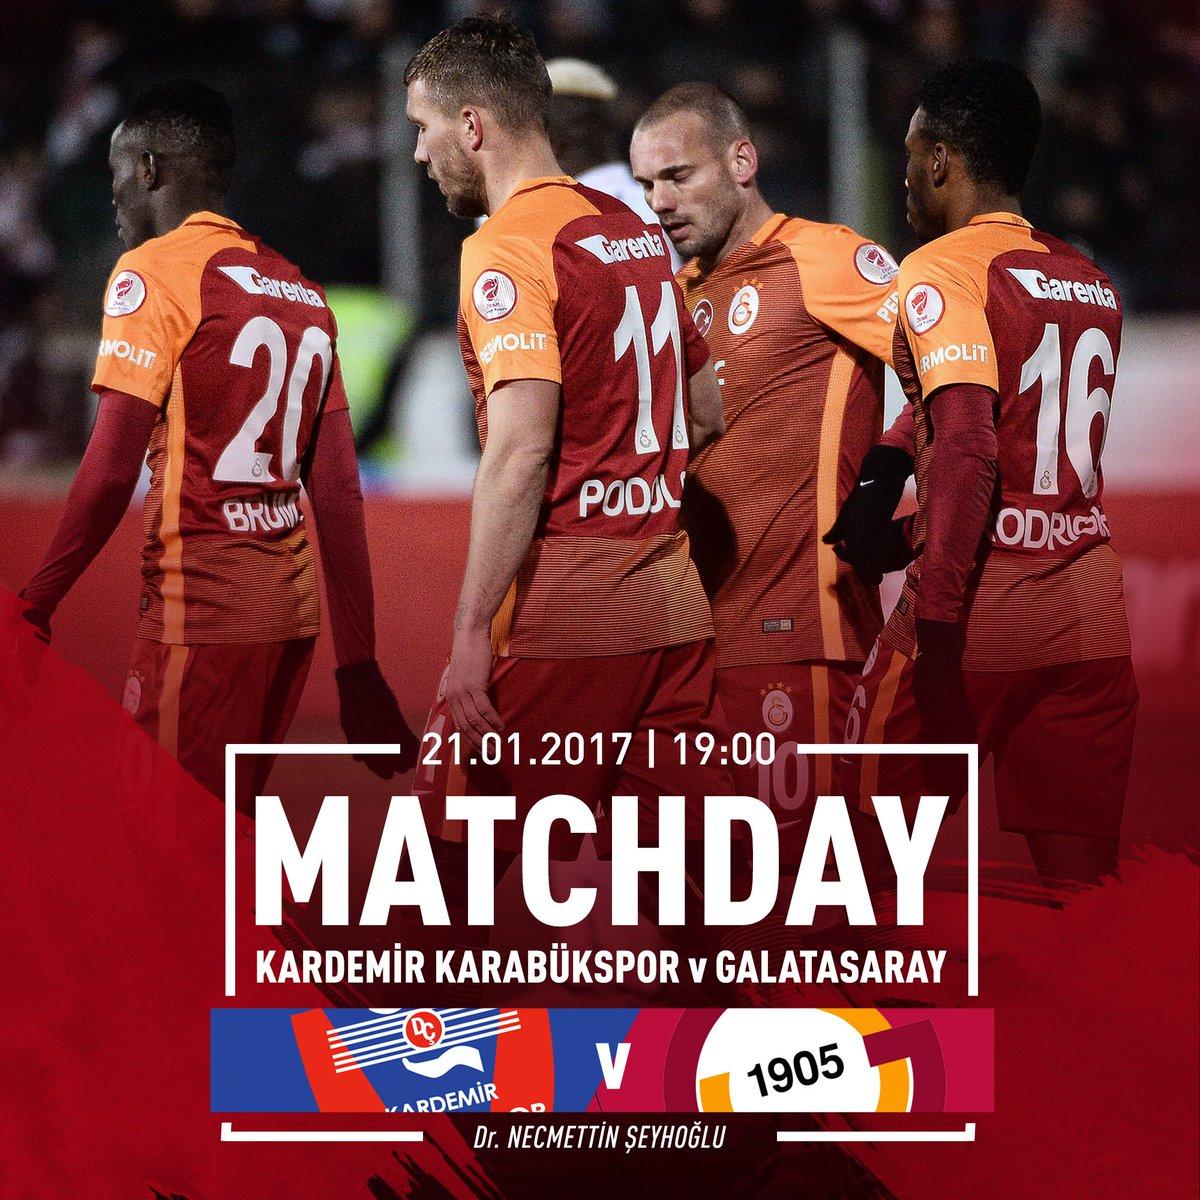 Maça Doğru | Karabükspor - Galatasaray https://t.co/8sD1e5EdMh https:/...